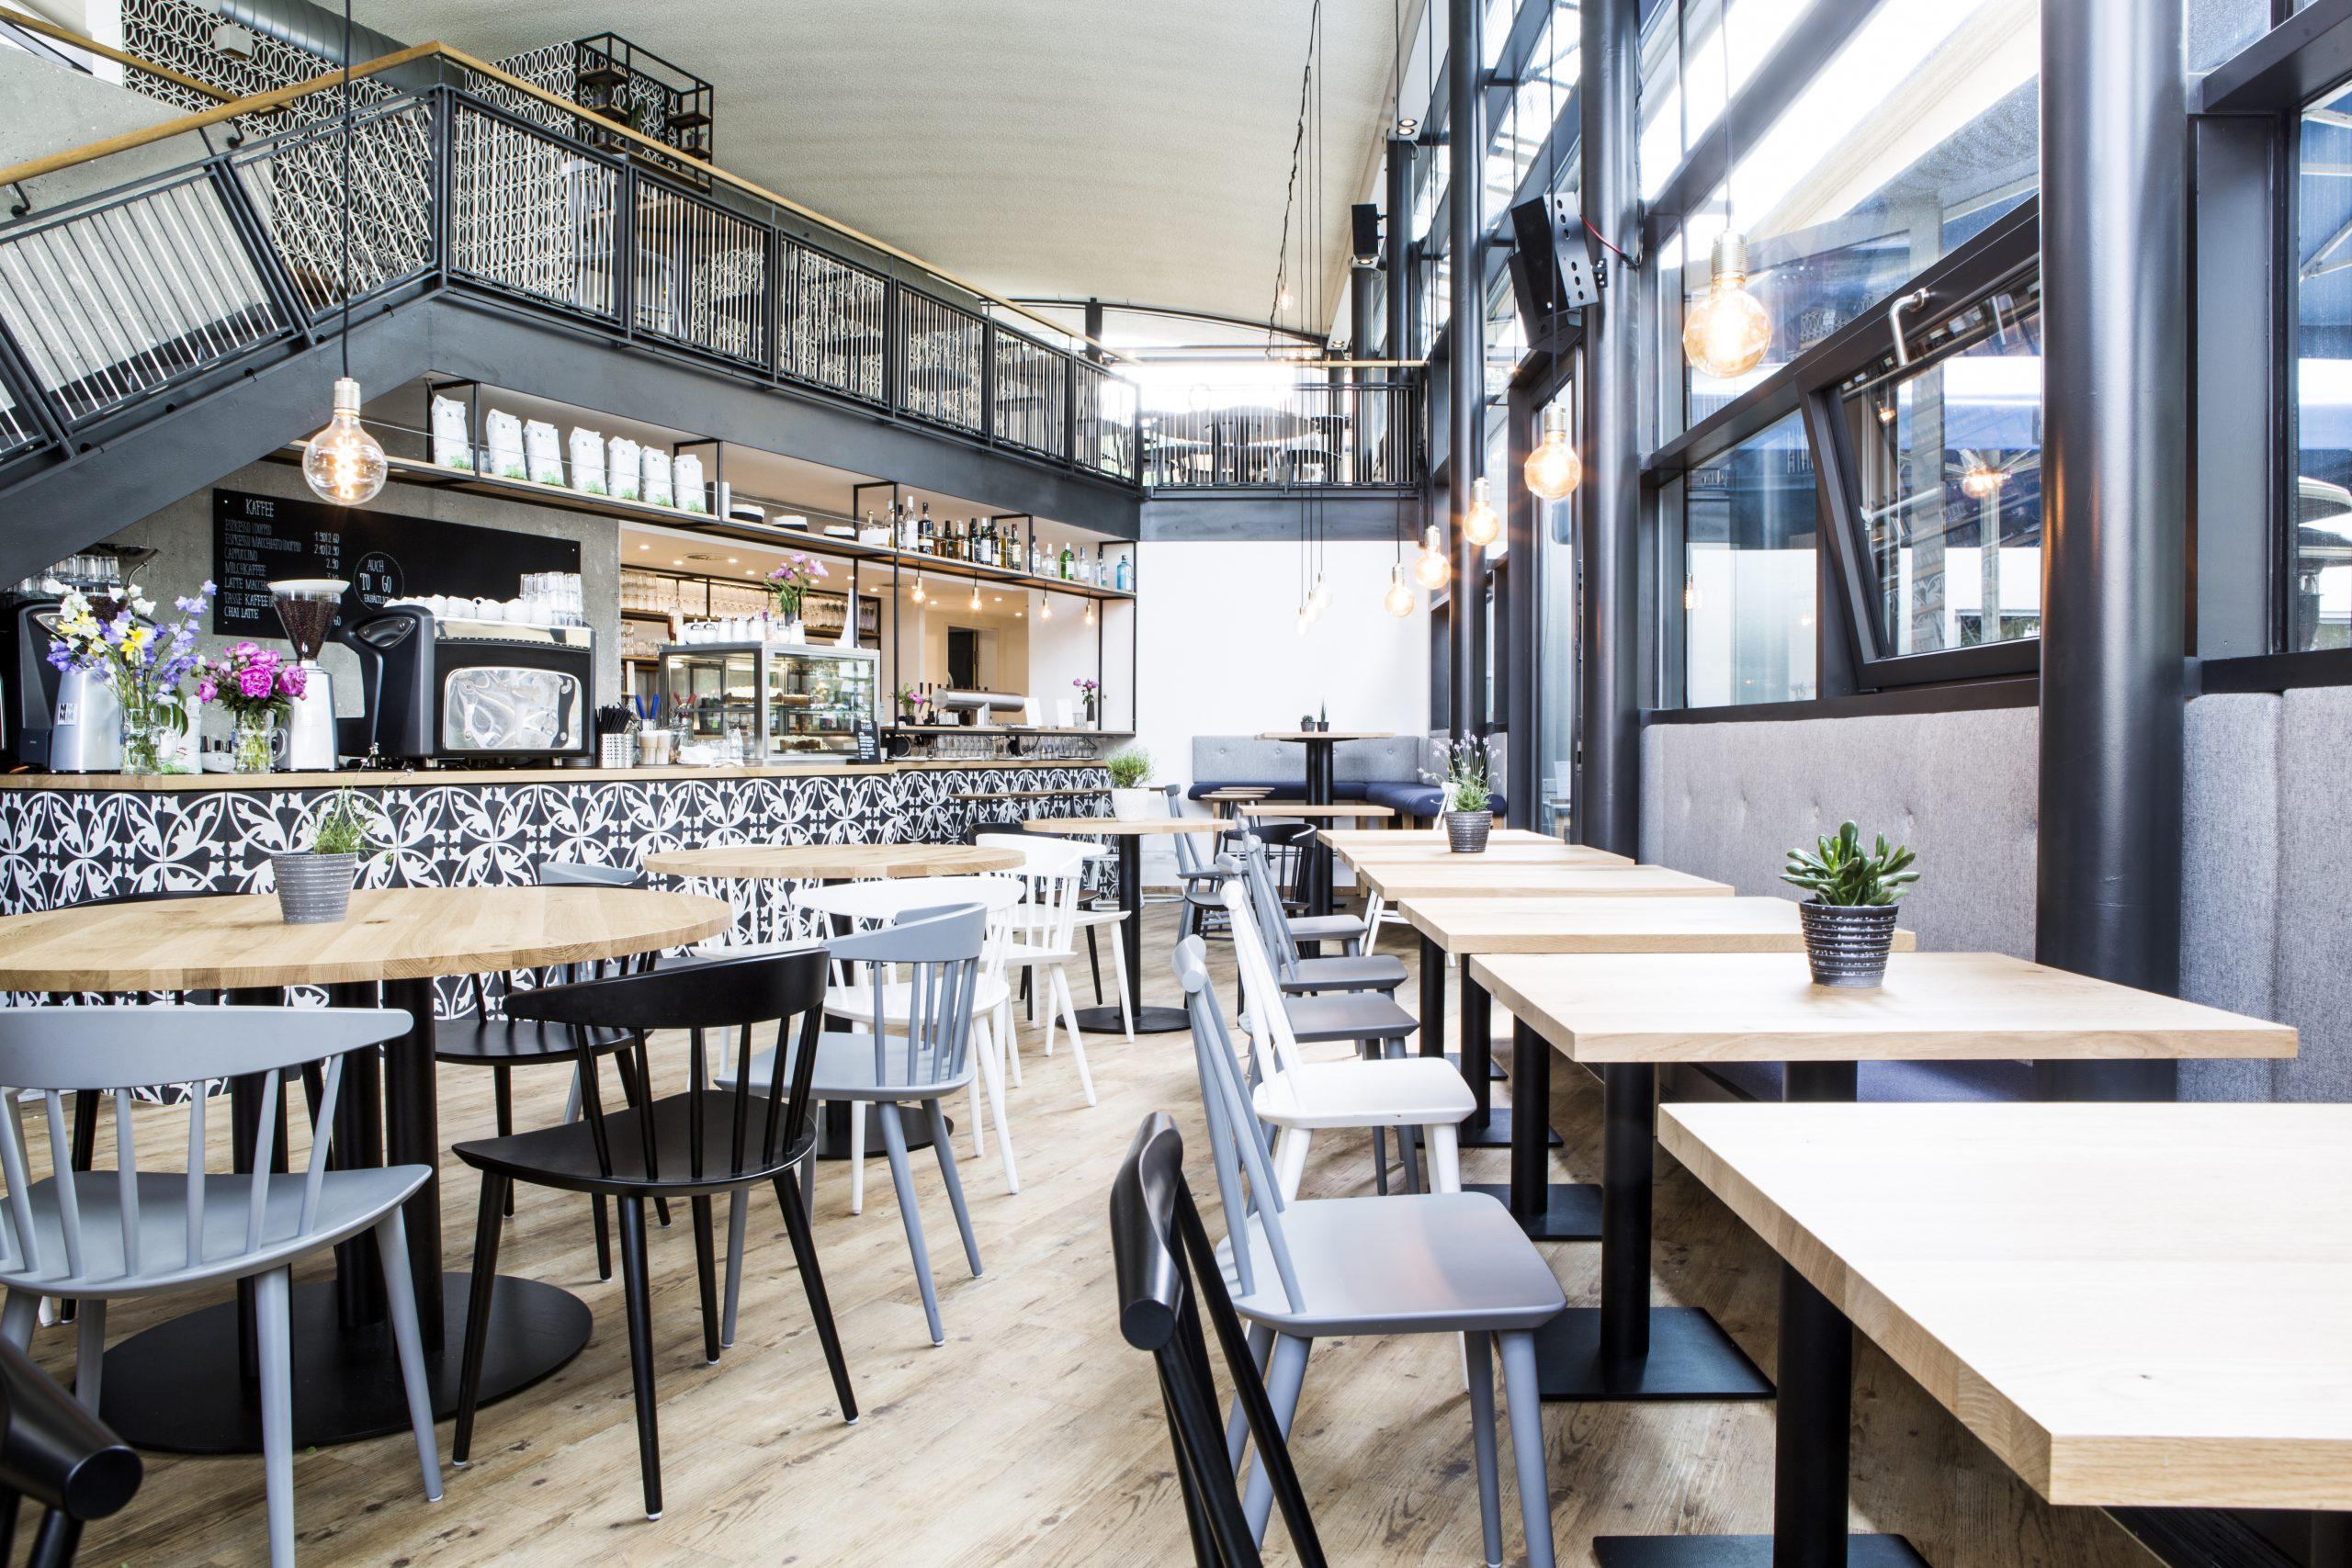 jacob-mayer-voigt-architekt-bellevue-grundriss-interior-design-gastronomie